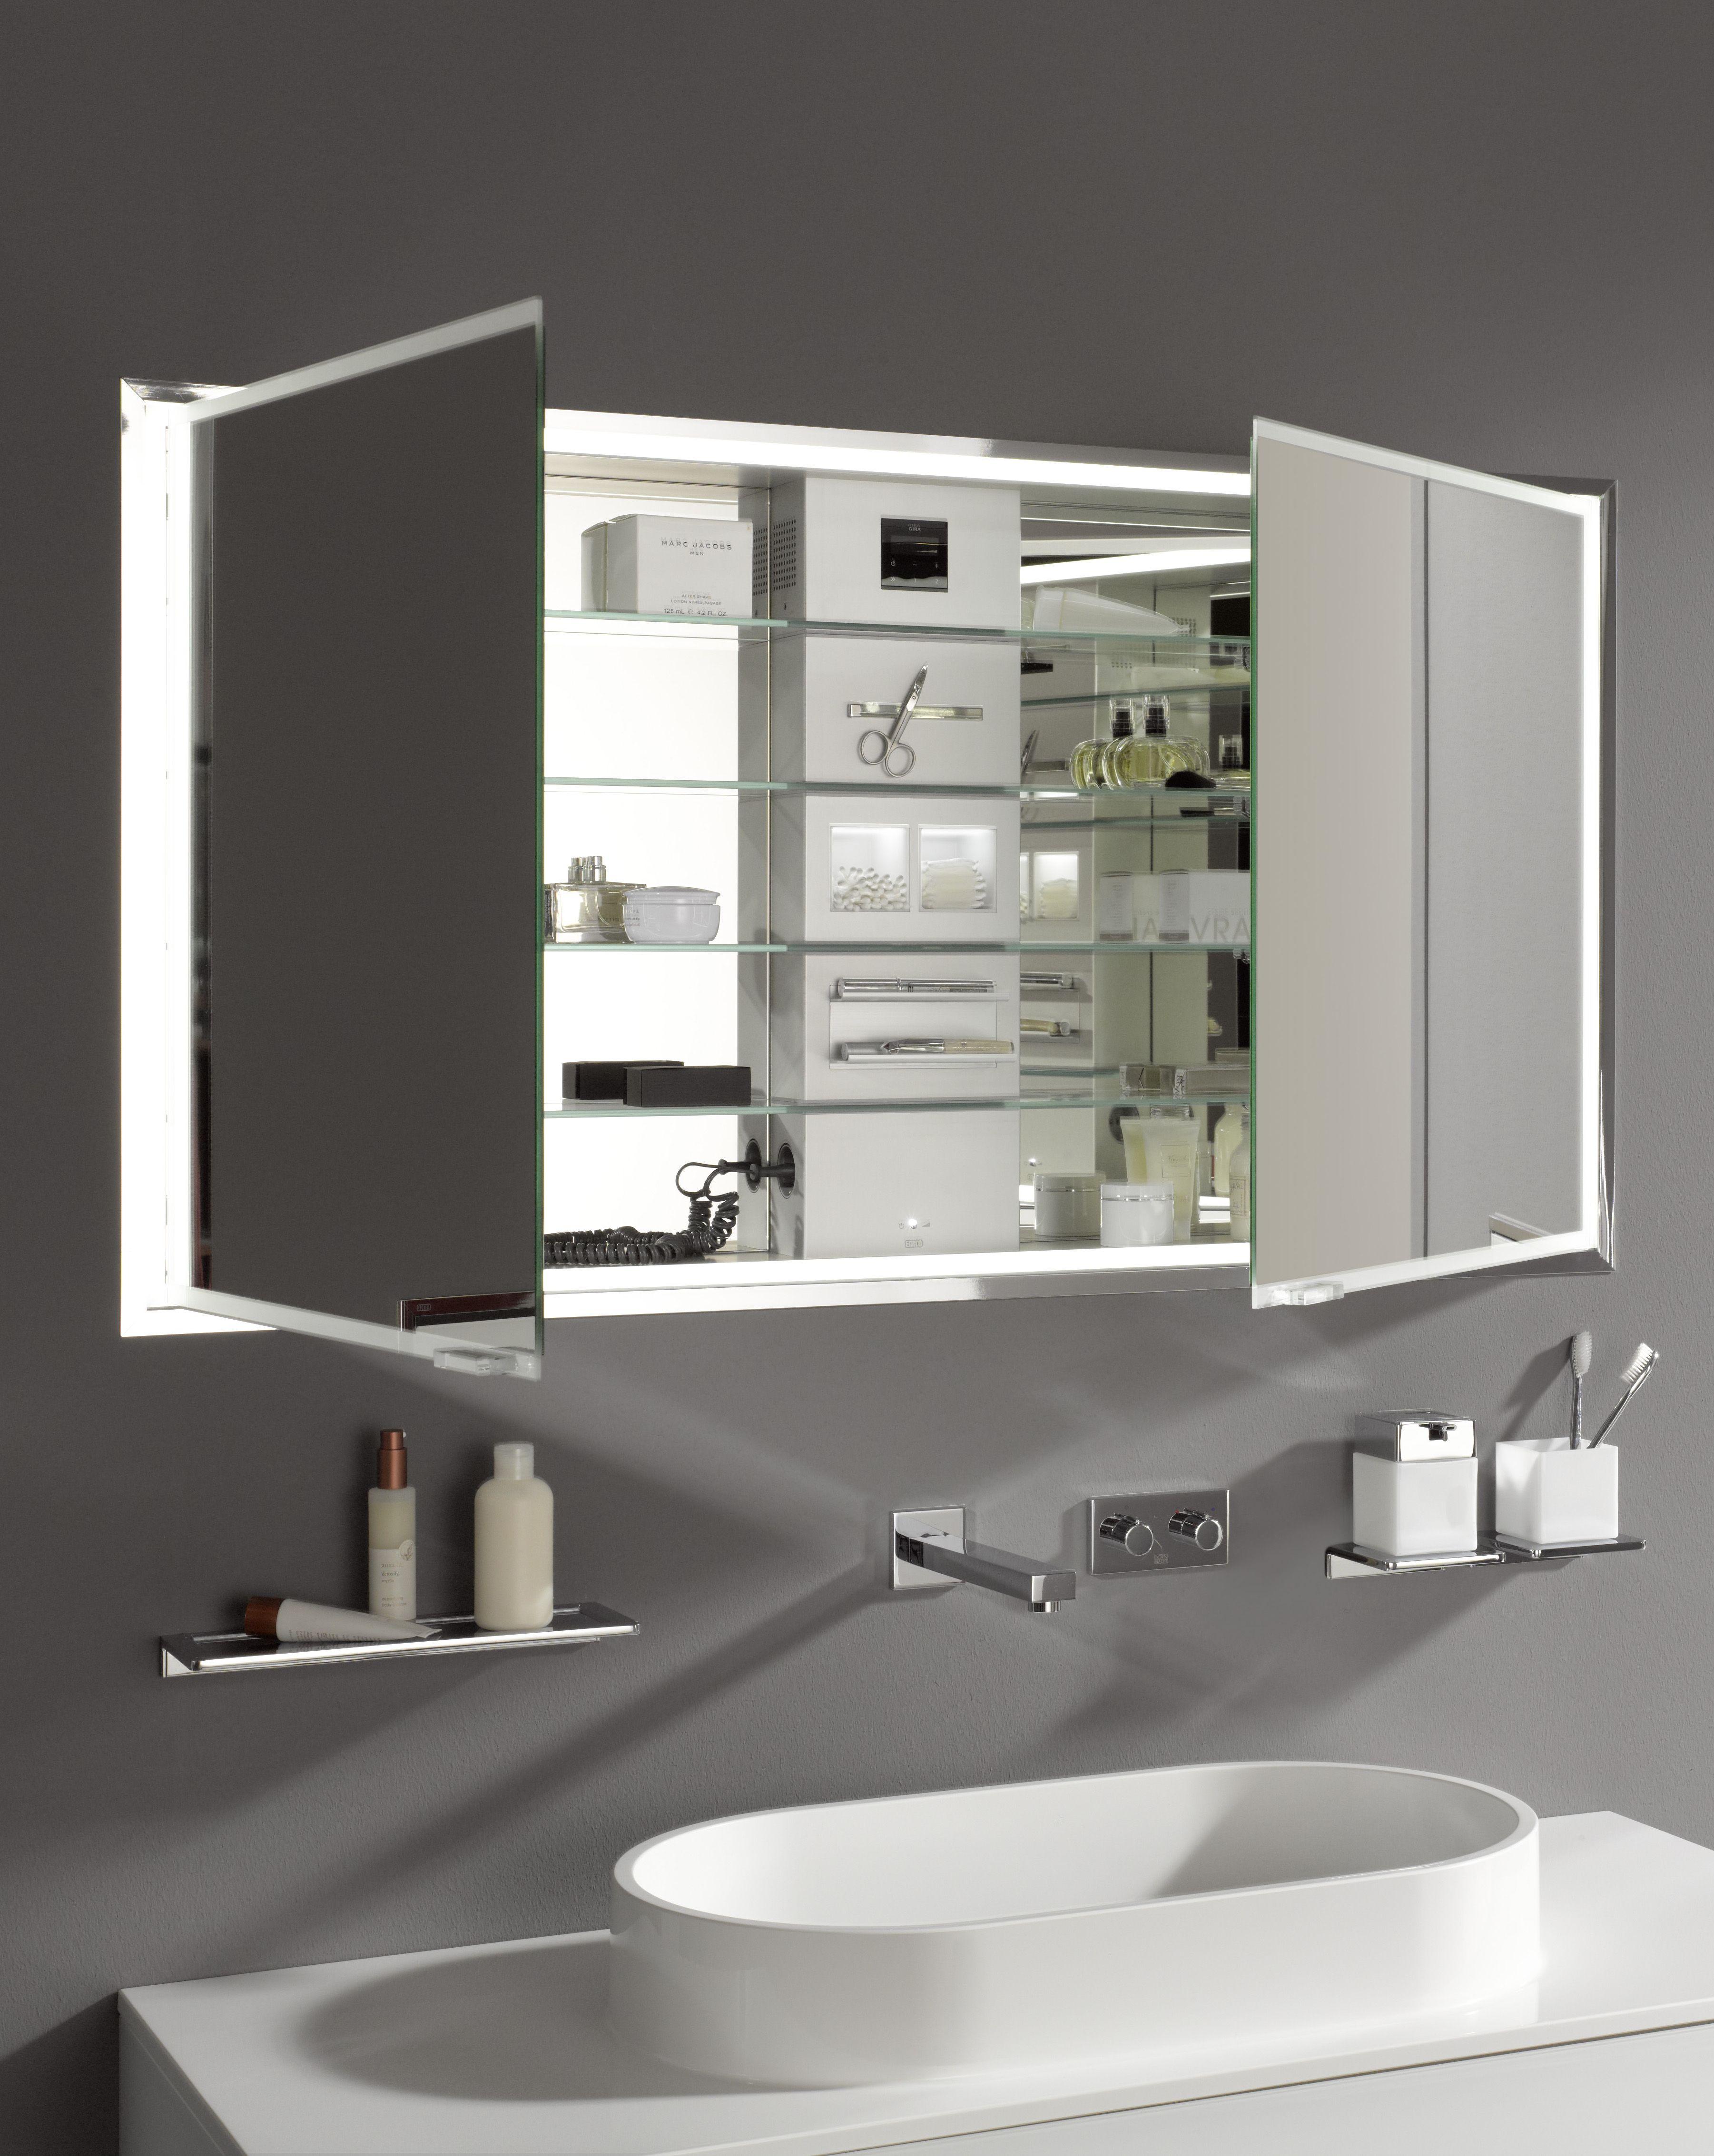 Emco Asis Prestige Spiegelschrank Spiegelschrank Bad Badezimmer Mobel